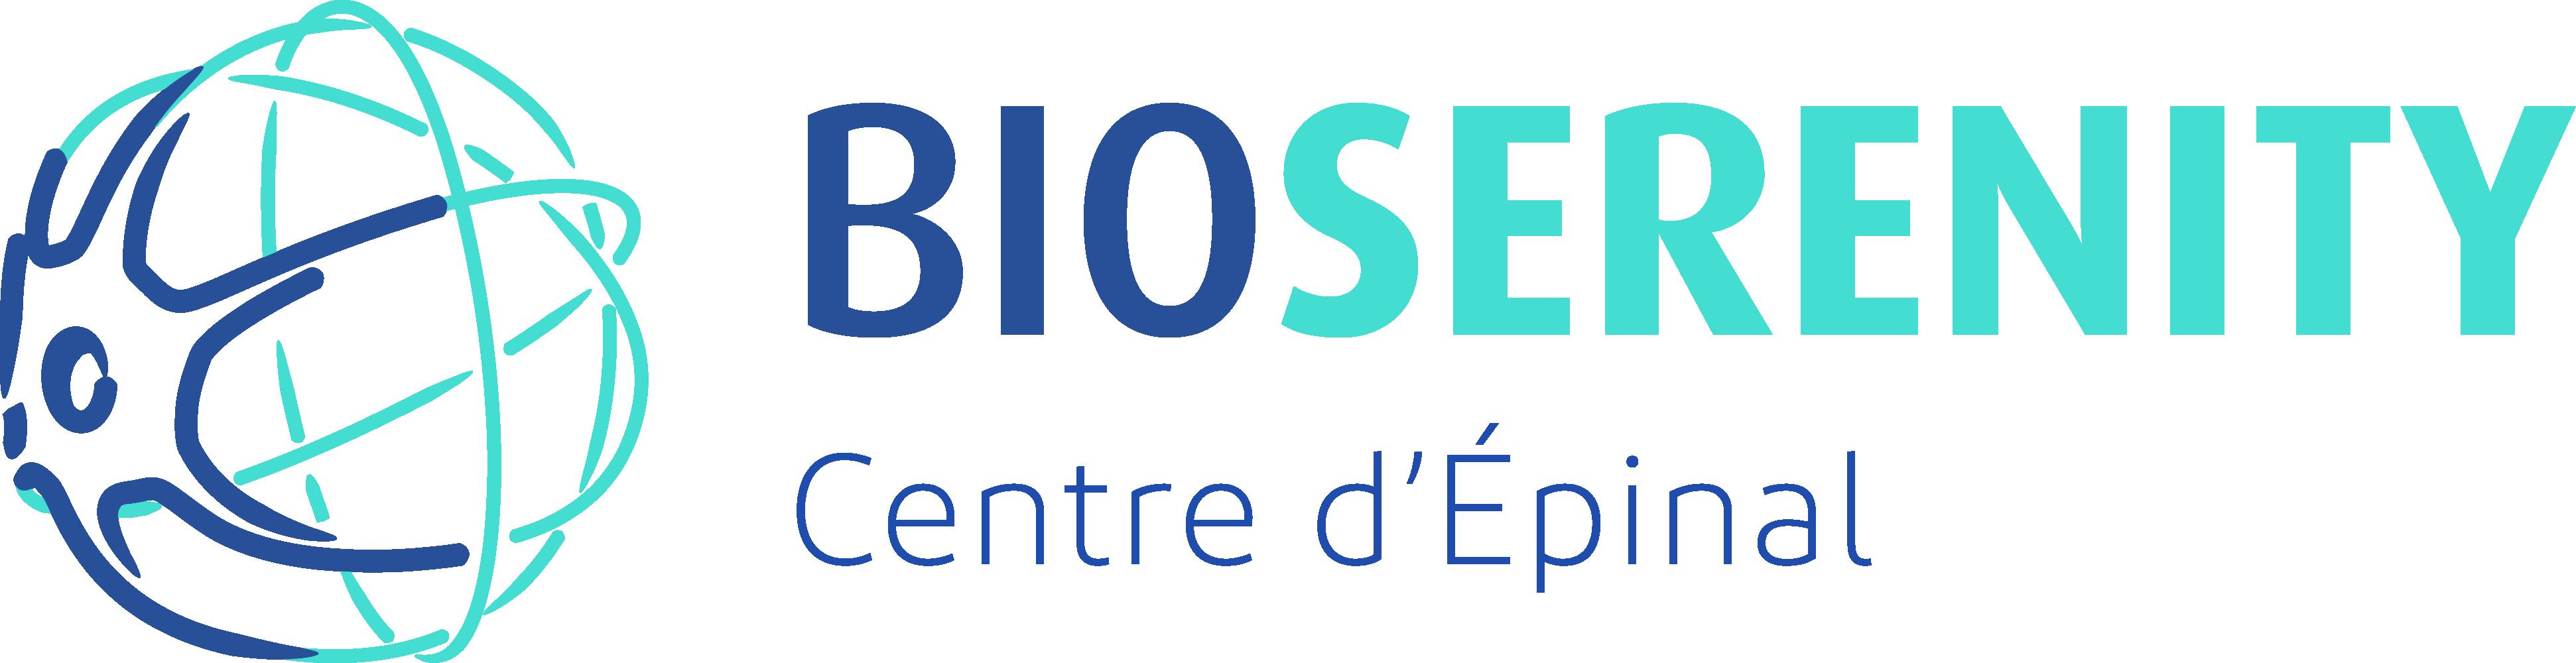 BioSerenity Centre d'Epinal| La Ligne Bleu